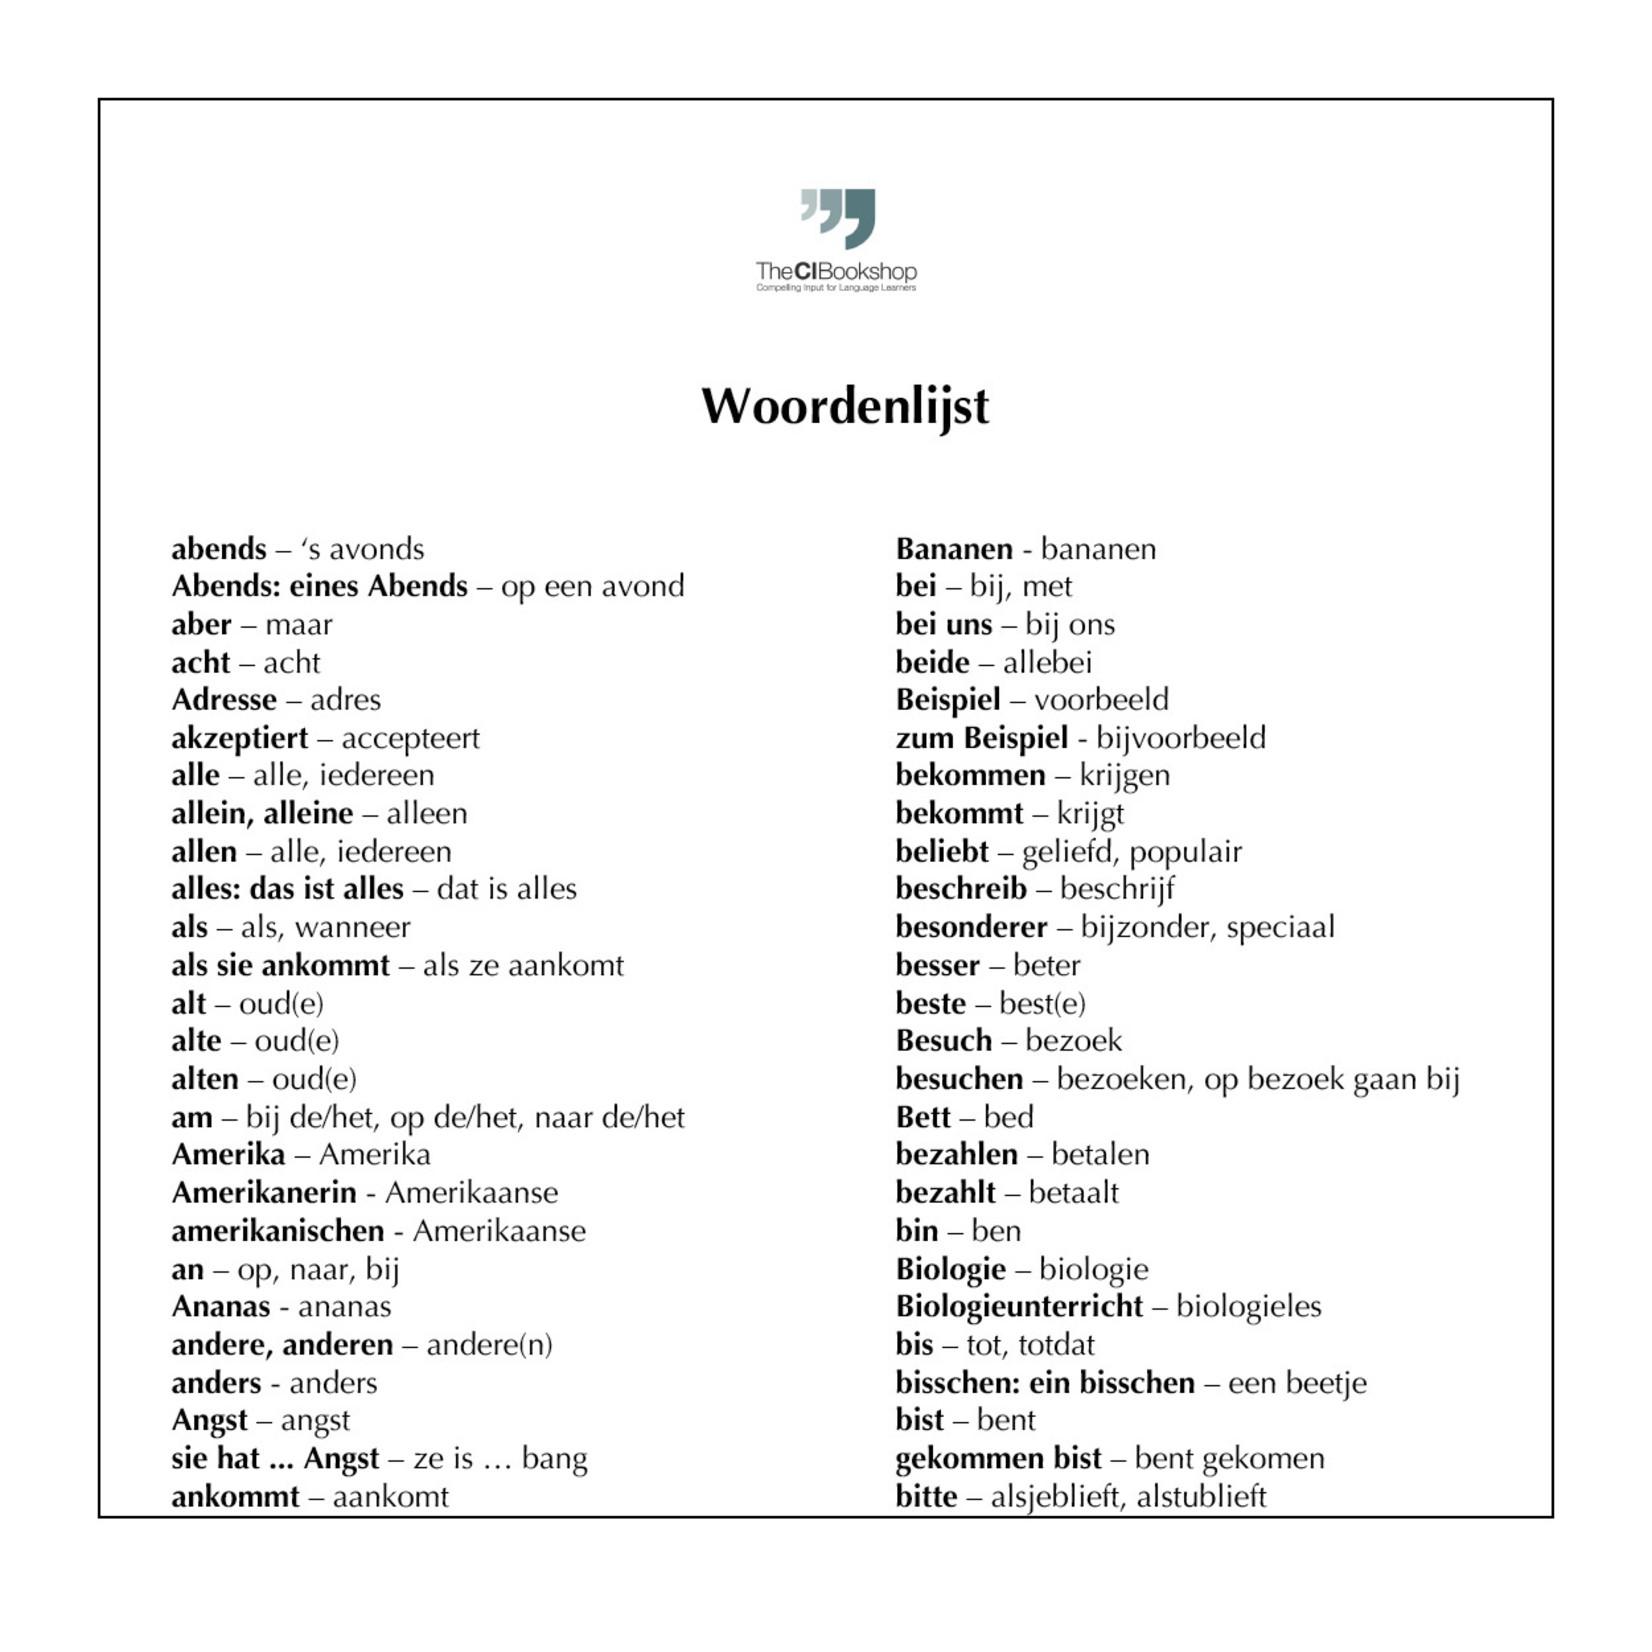 Woordenlijst Nordseepirat